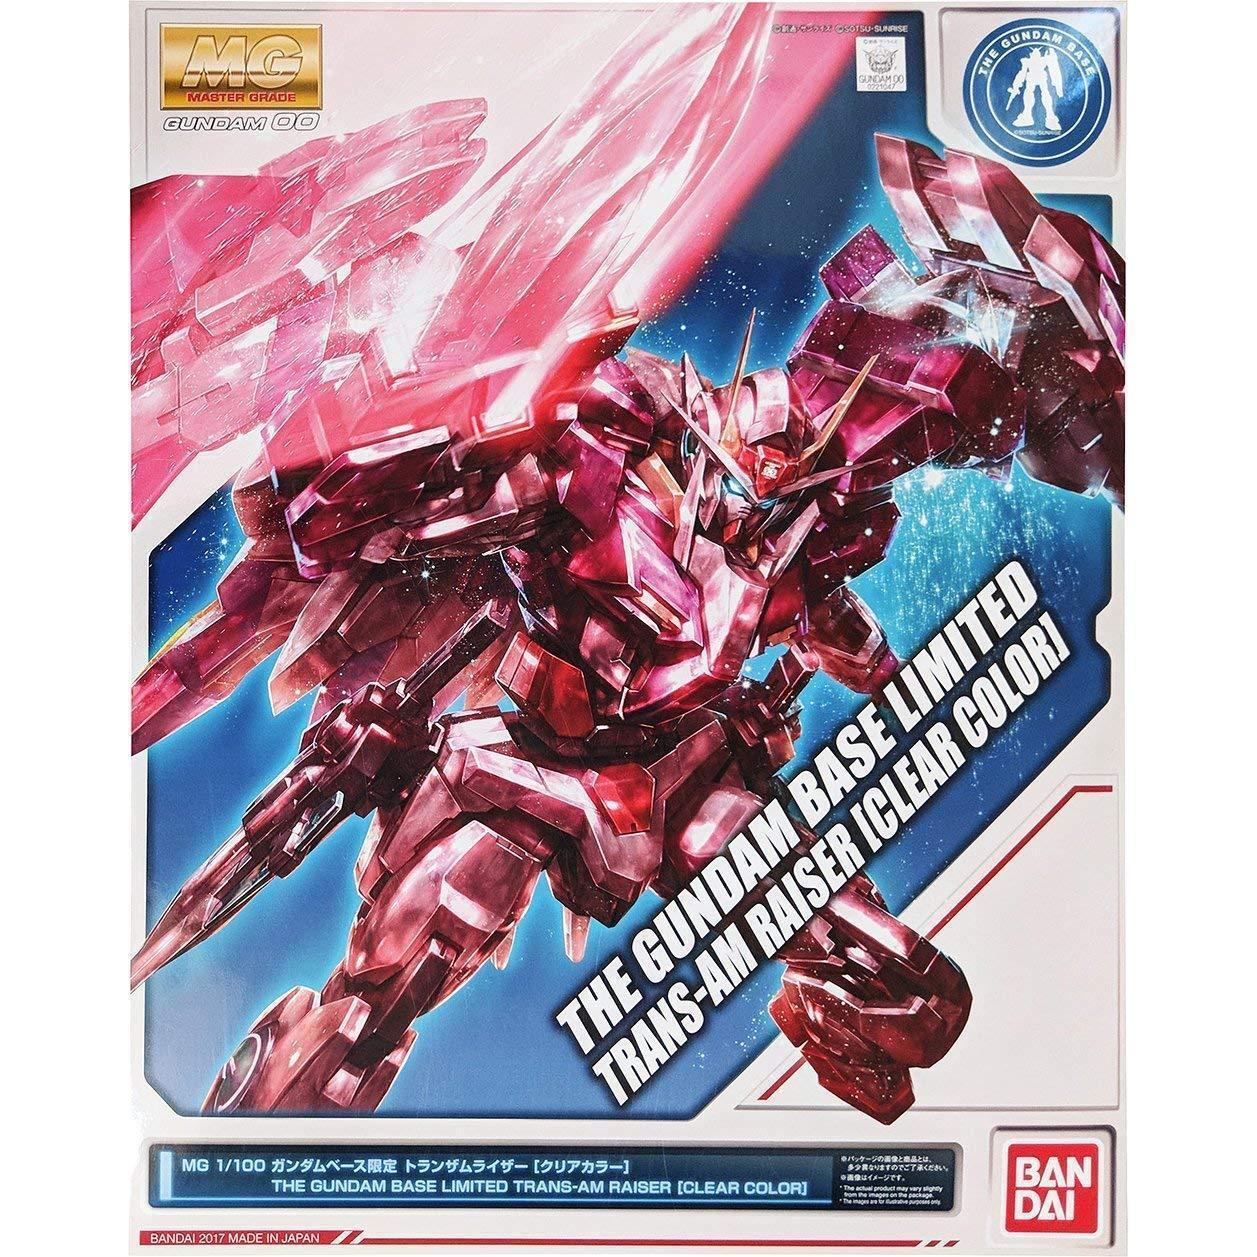 Mg gundamtransam Riser Kit modelo de Color claro